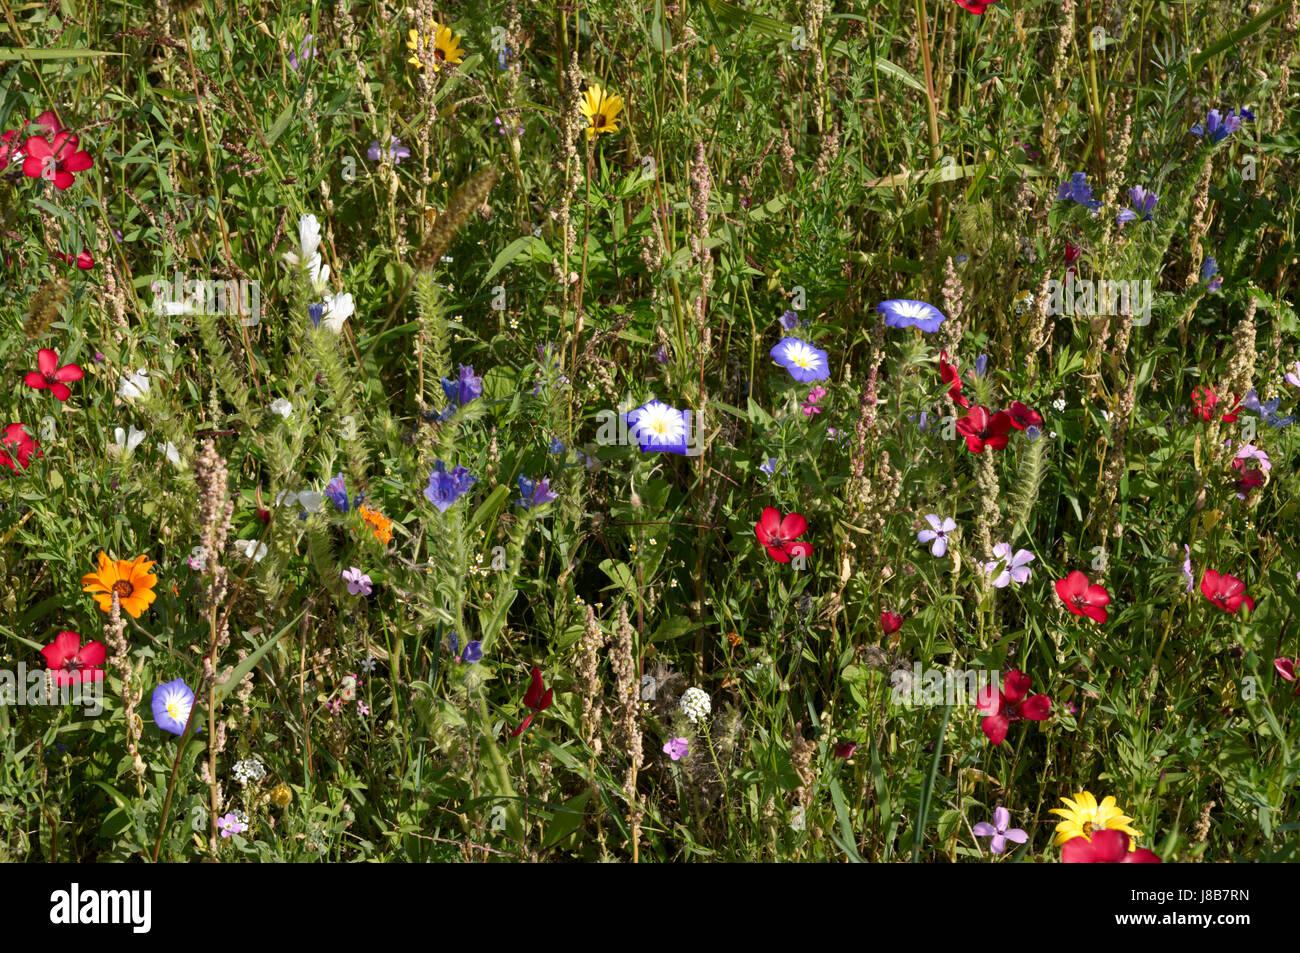 farbige, bunte, wunderschöne, vielfältige, farbenprächtige, Blume, Blumen, Stockfoto